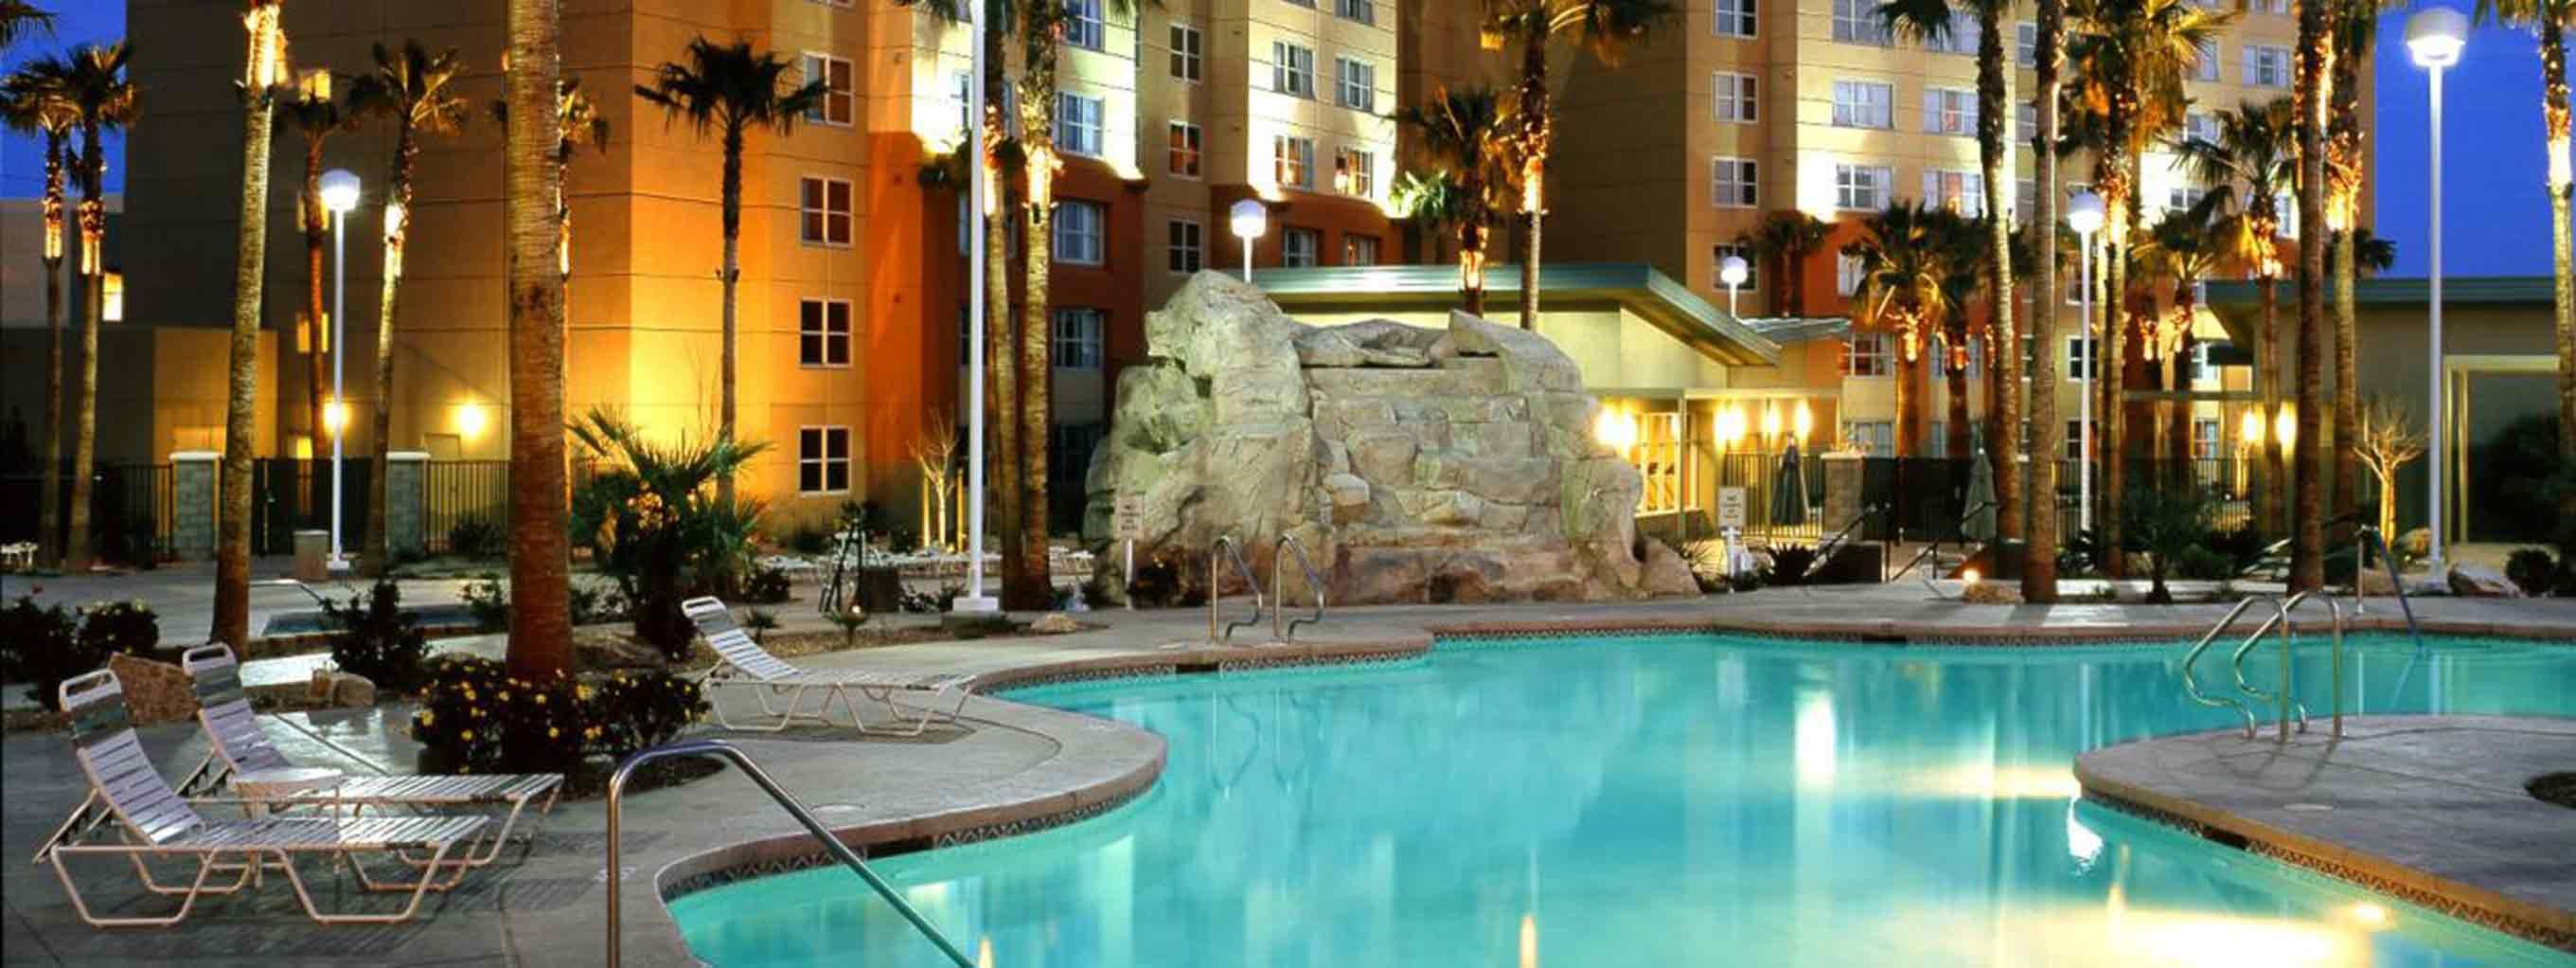 grandview-pool-large